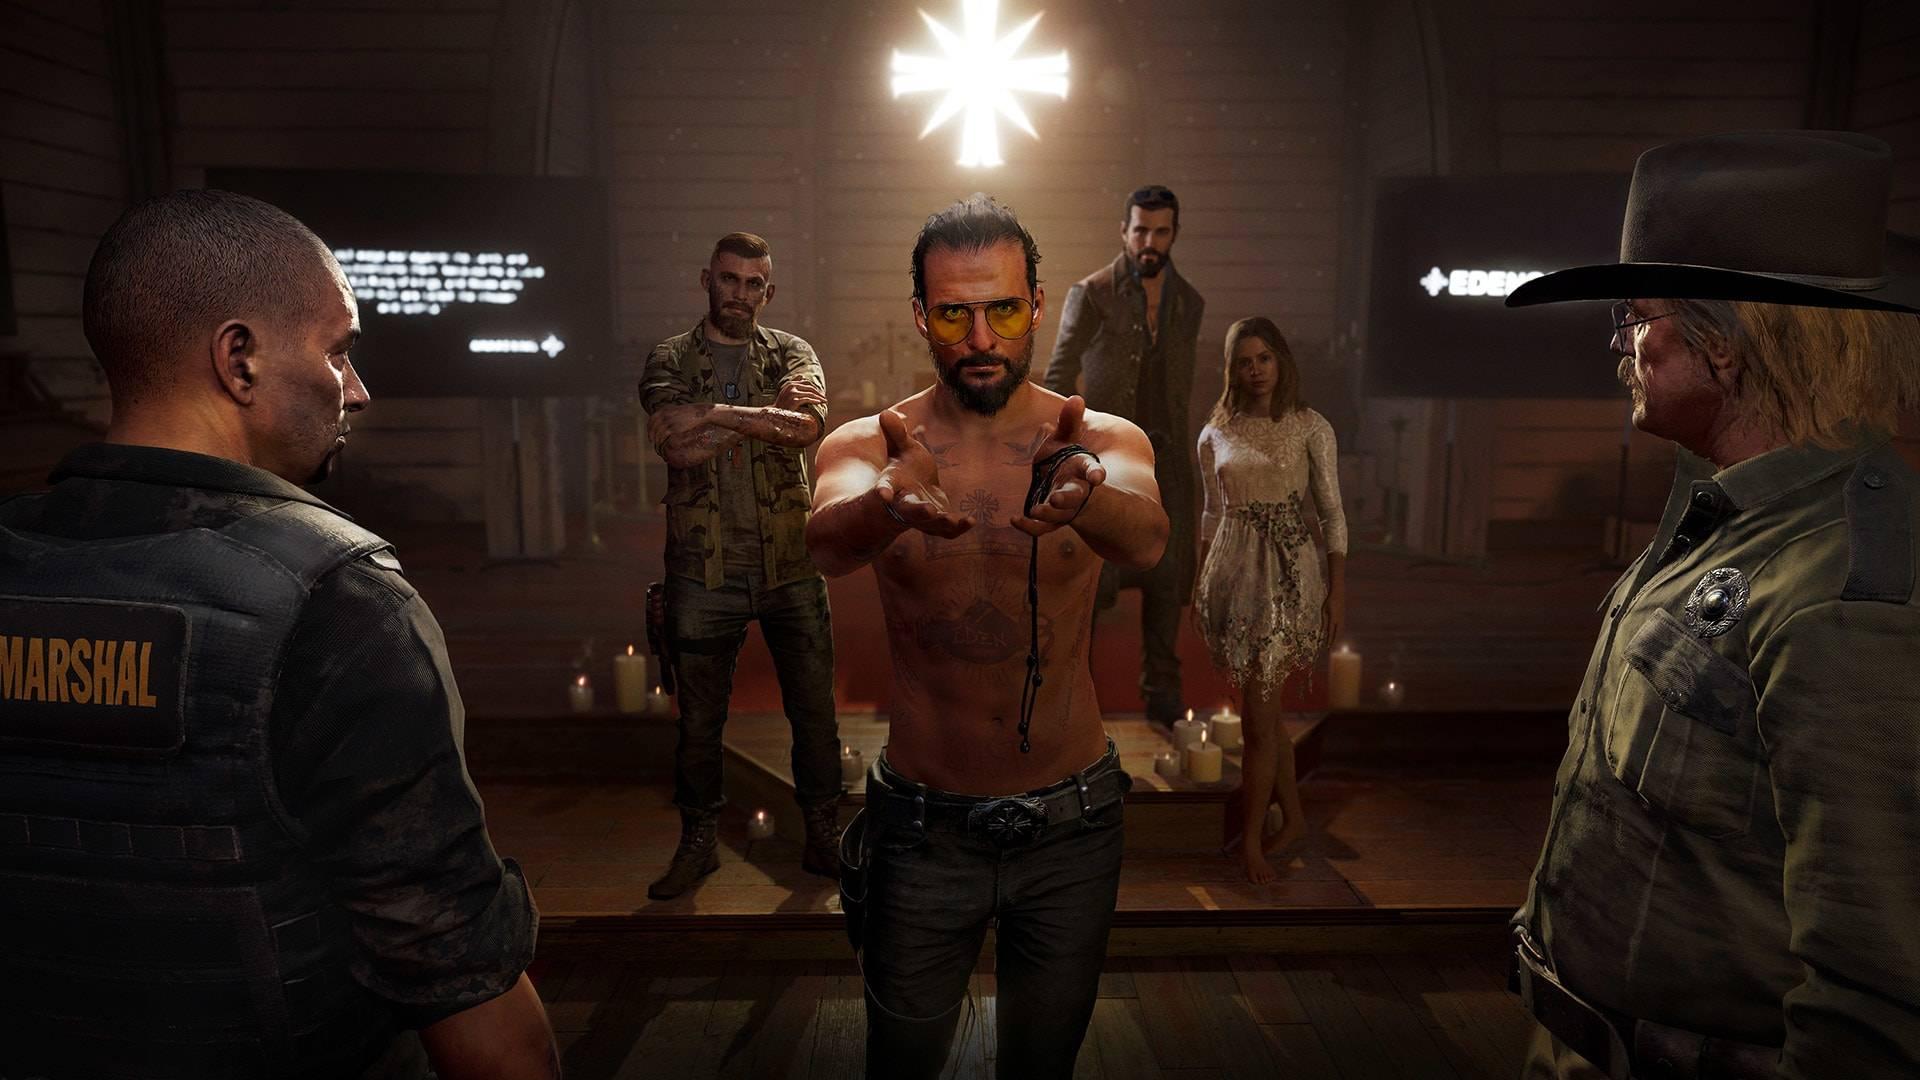 Far Cry 5 recaudó 310 millones en su debut — Récord para Ubisoft